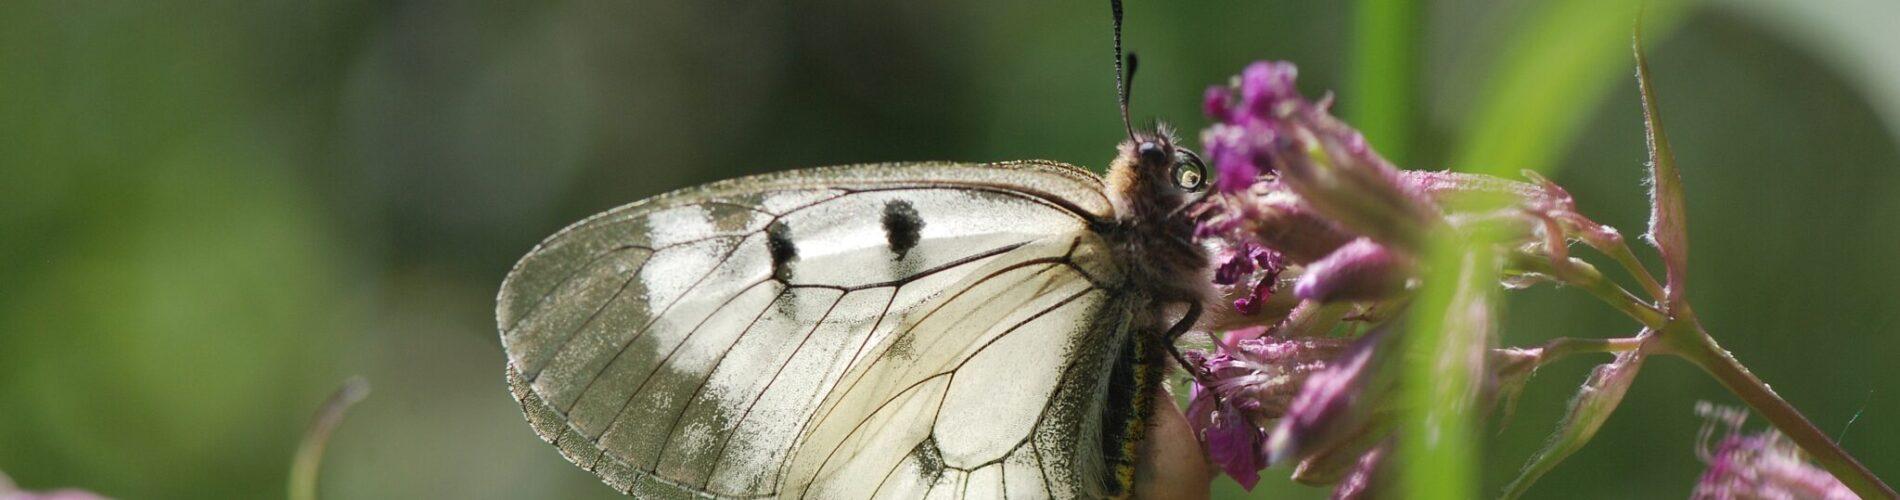 En hun af Mnemosyne (Parnassius mnemosyne). Billedet er taget af Klaus Hermansen i 2019 i Blekinge - Mnemosyne forvaltning - Forvaltning af Dagsommerfugle - Ildfugl.com.